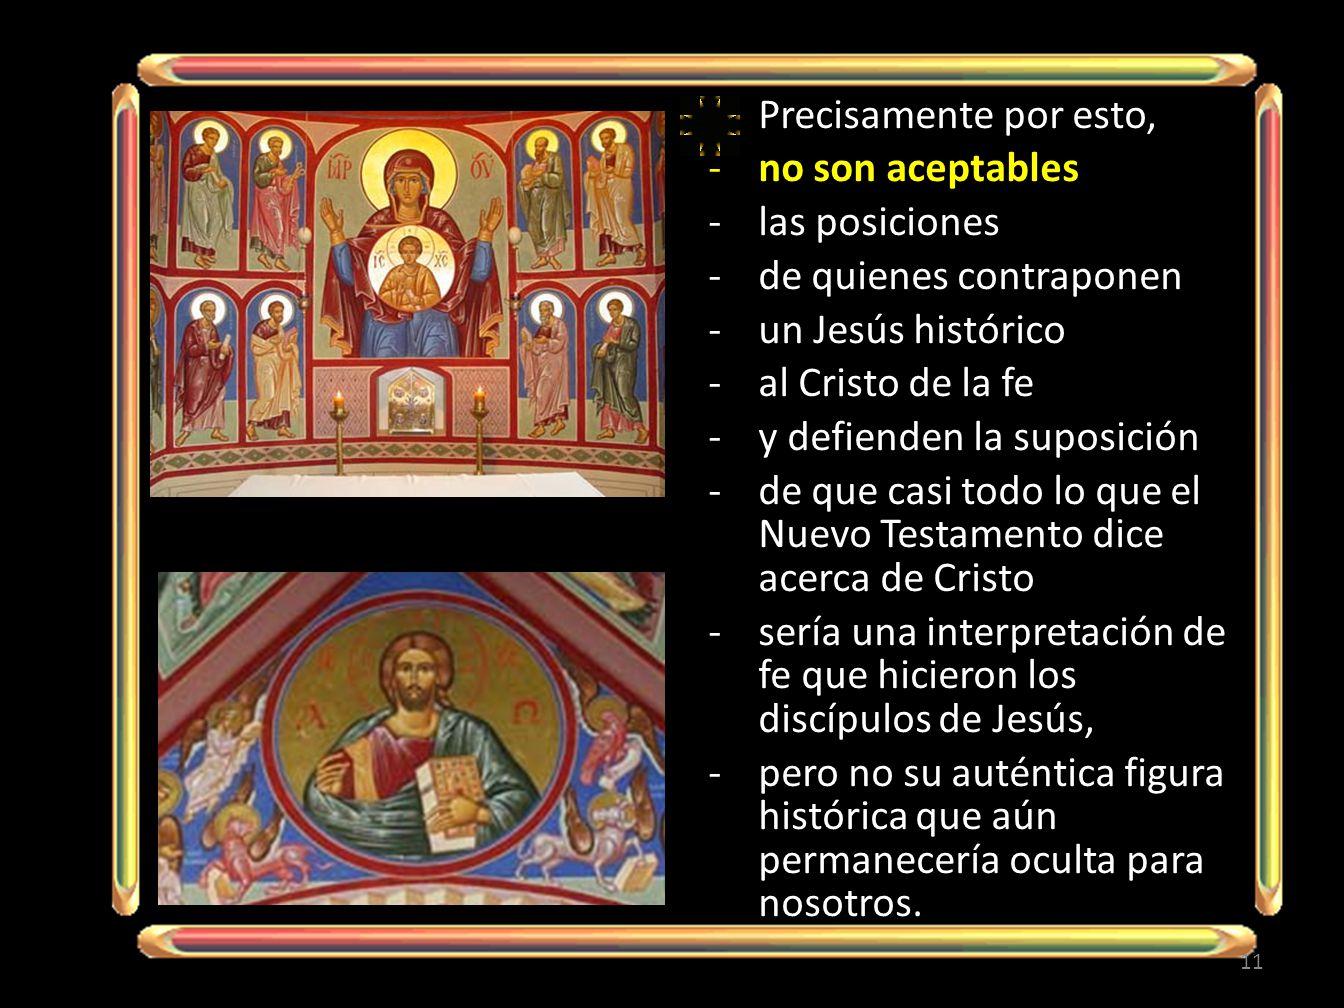 Precisamente por esto, no son aceptables. las posiciones. de quienes contraponen. un Jesús histórico.